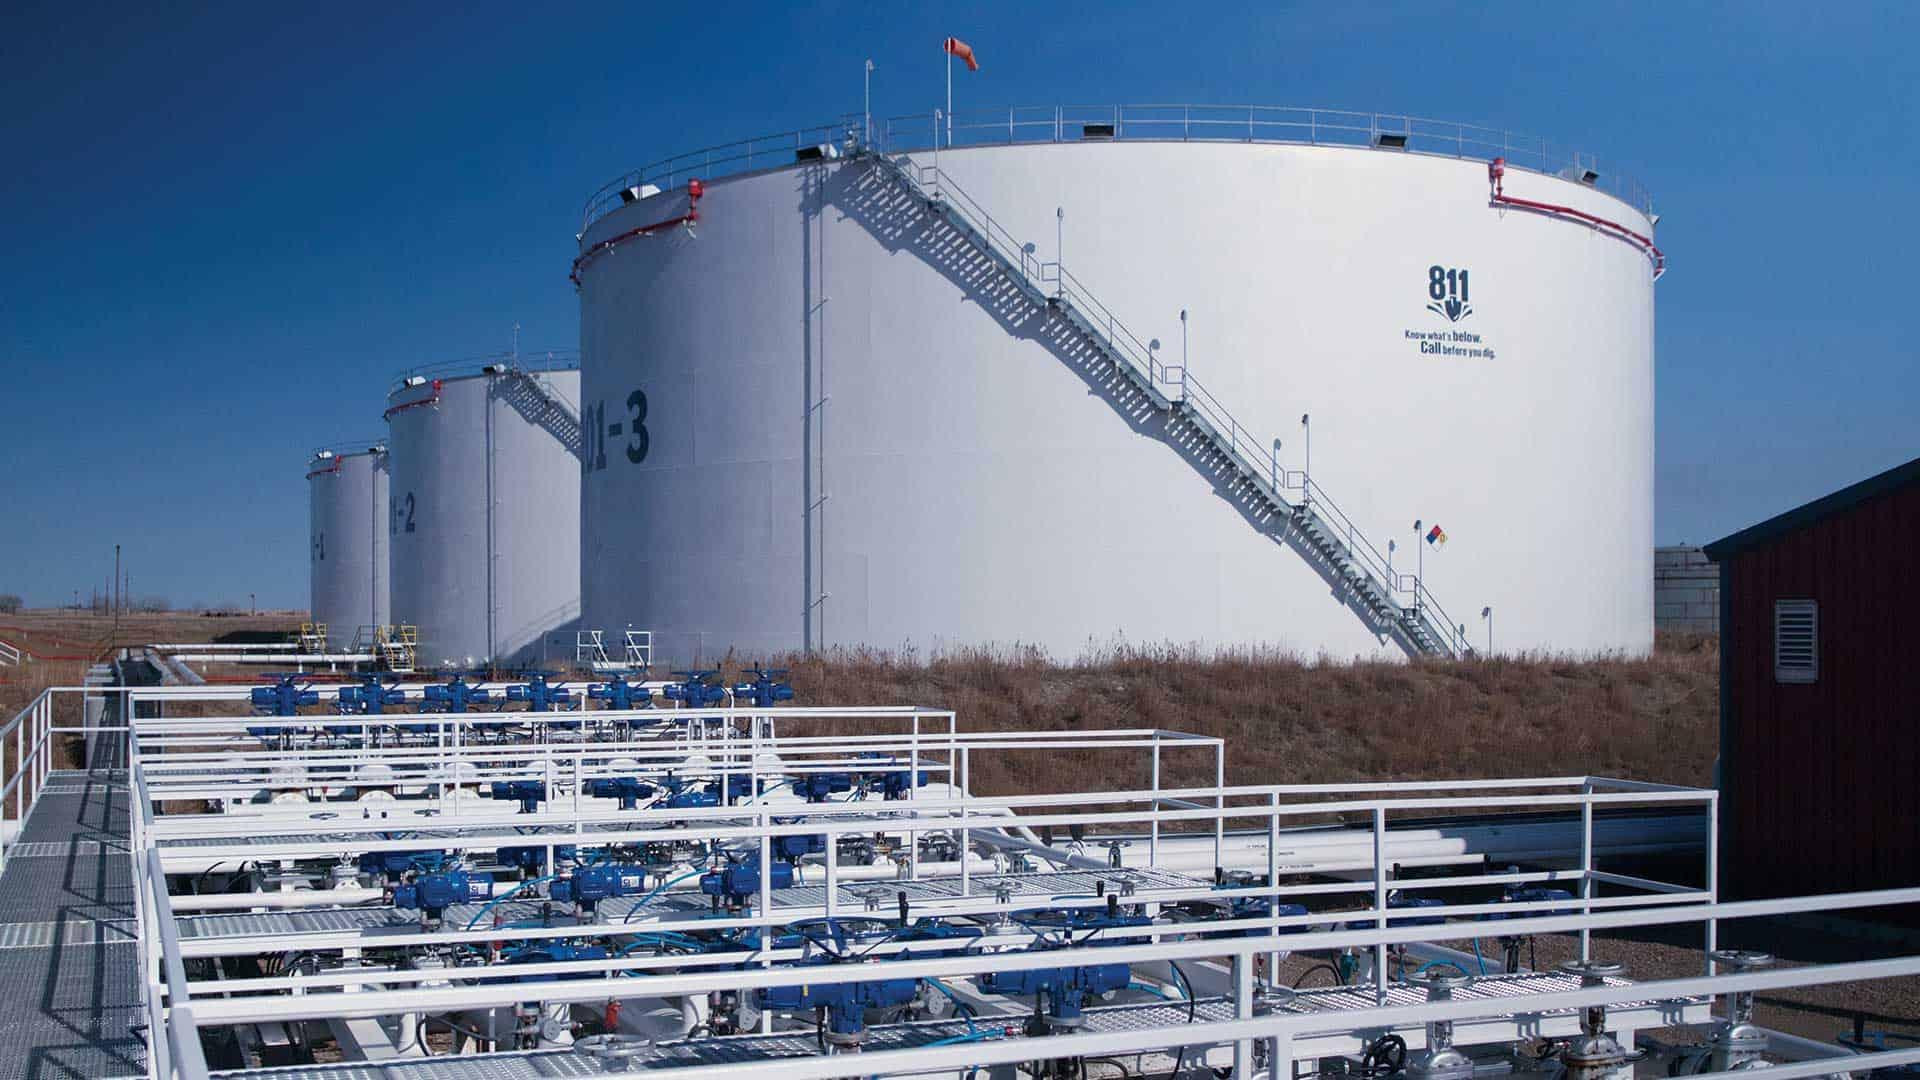 كيف يتم تصميم الخزانات النفطية وتصميم اسس الخزانات النفطية؟